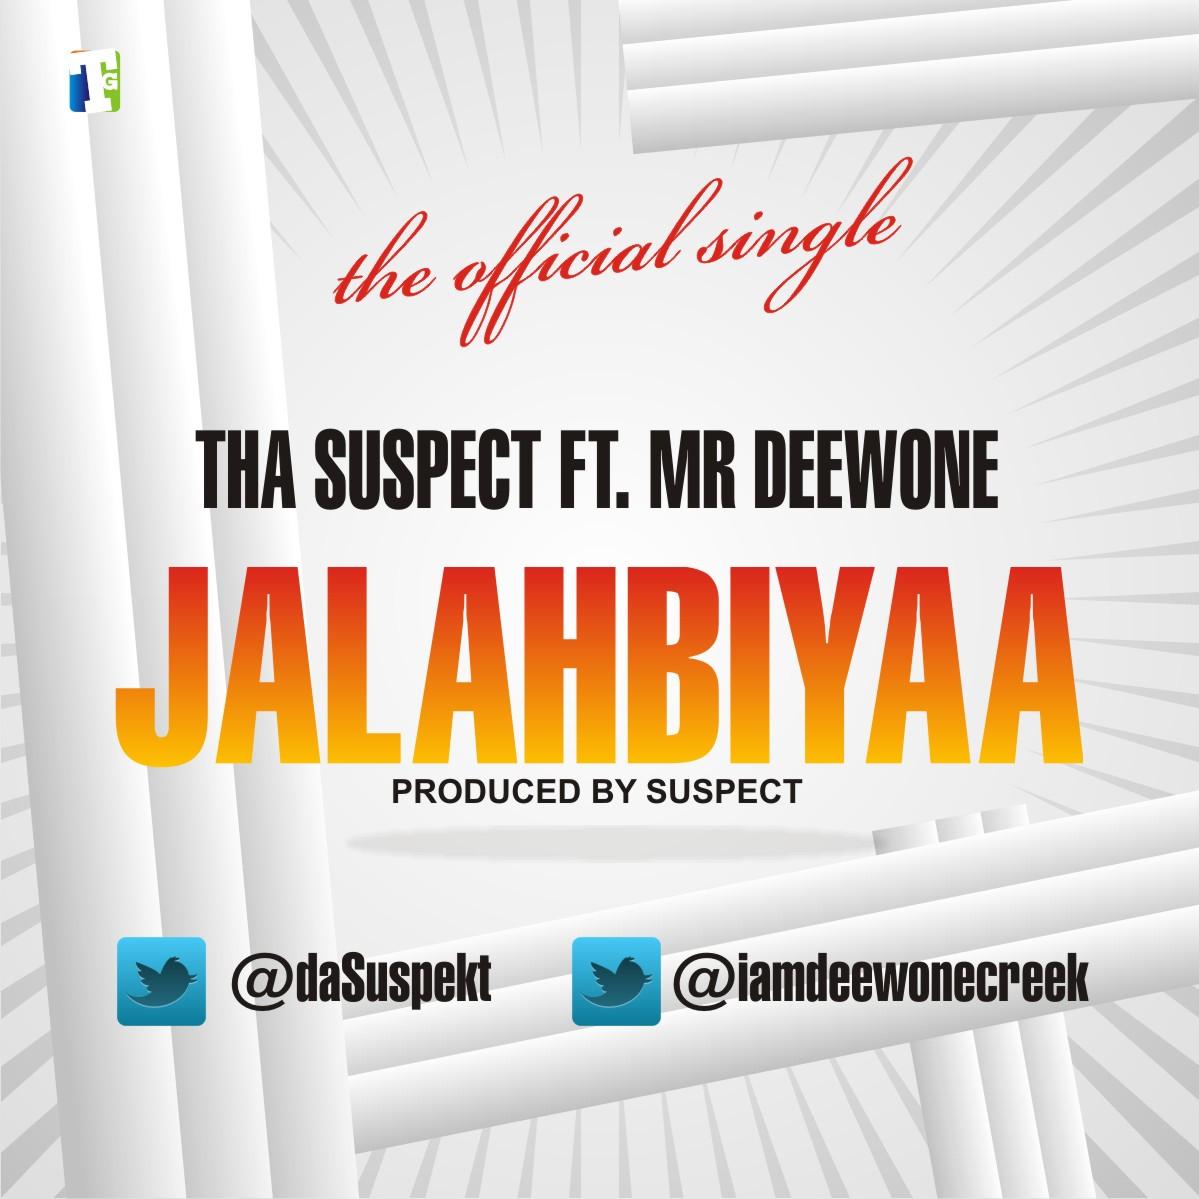 Tha Suspect - JalahBiyaa ft. Mr Deewone - notjustOk